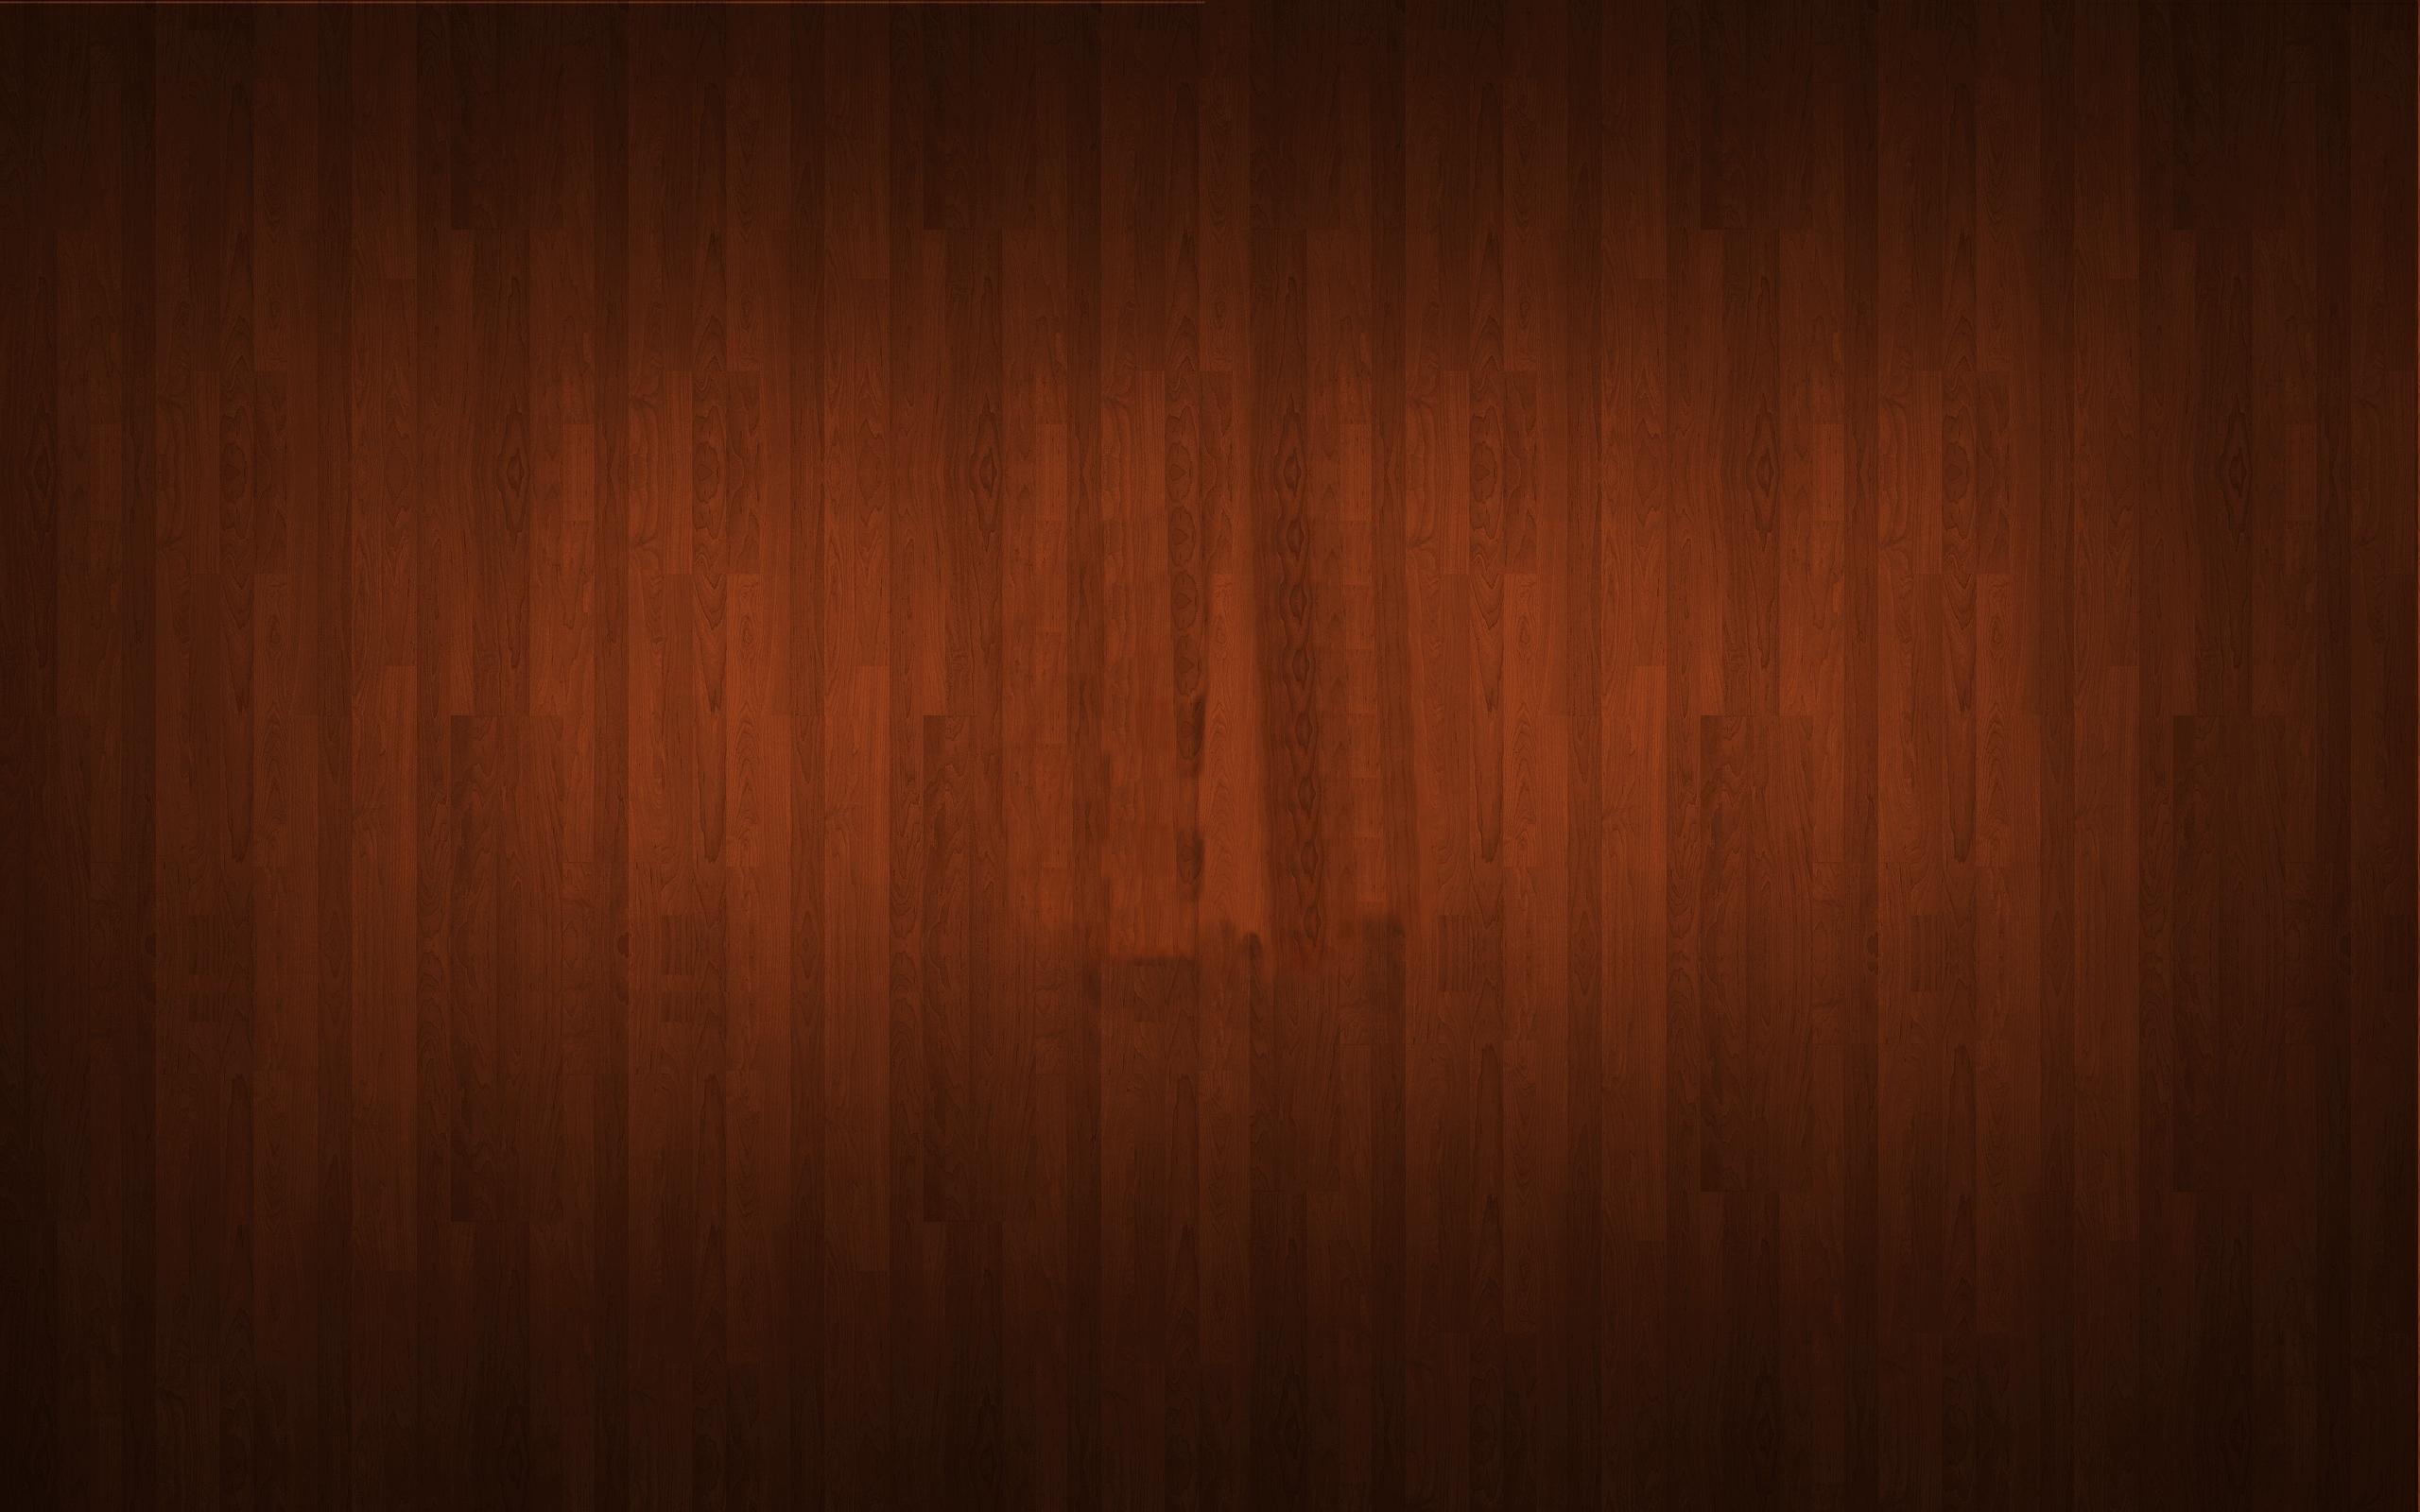 Fondos de pantalla oscuro marr n textura de madera for Papel pintado marron oscuro